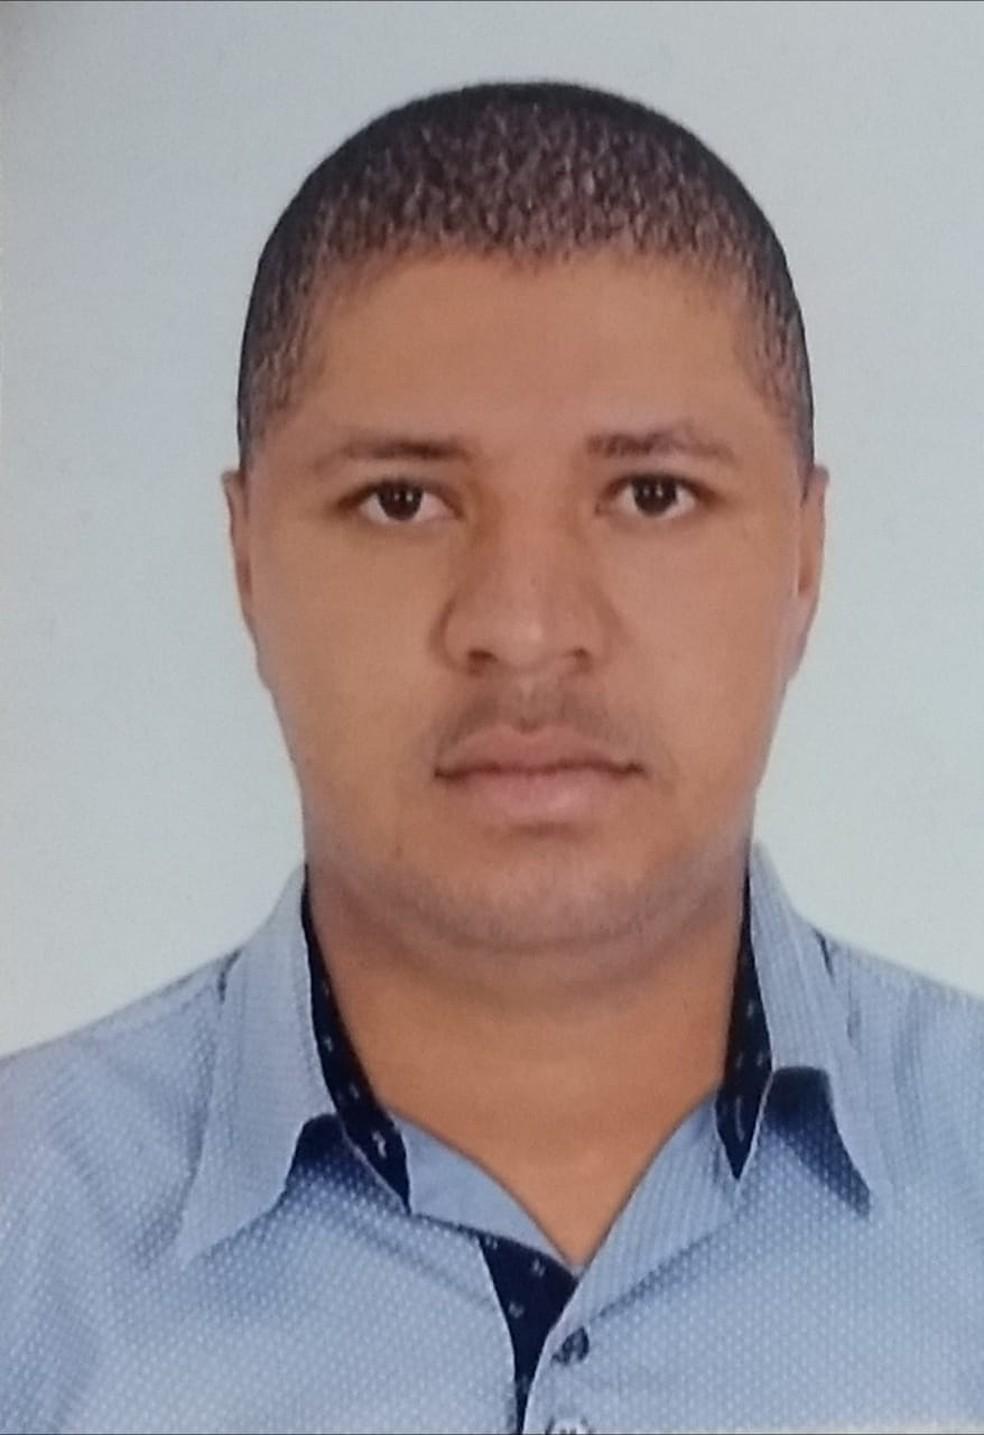 Tiago Floriano de Paula mandou matar a jovem após não querer reconhecer o filho que teve com a vítima — Foto: Polícia Civil de Jaciara